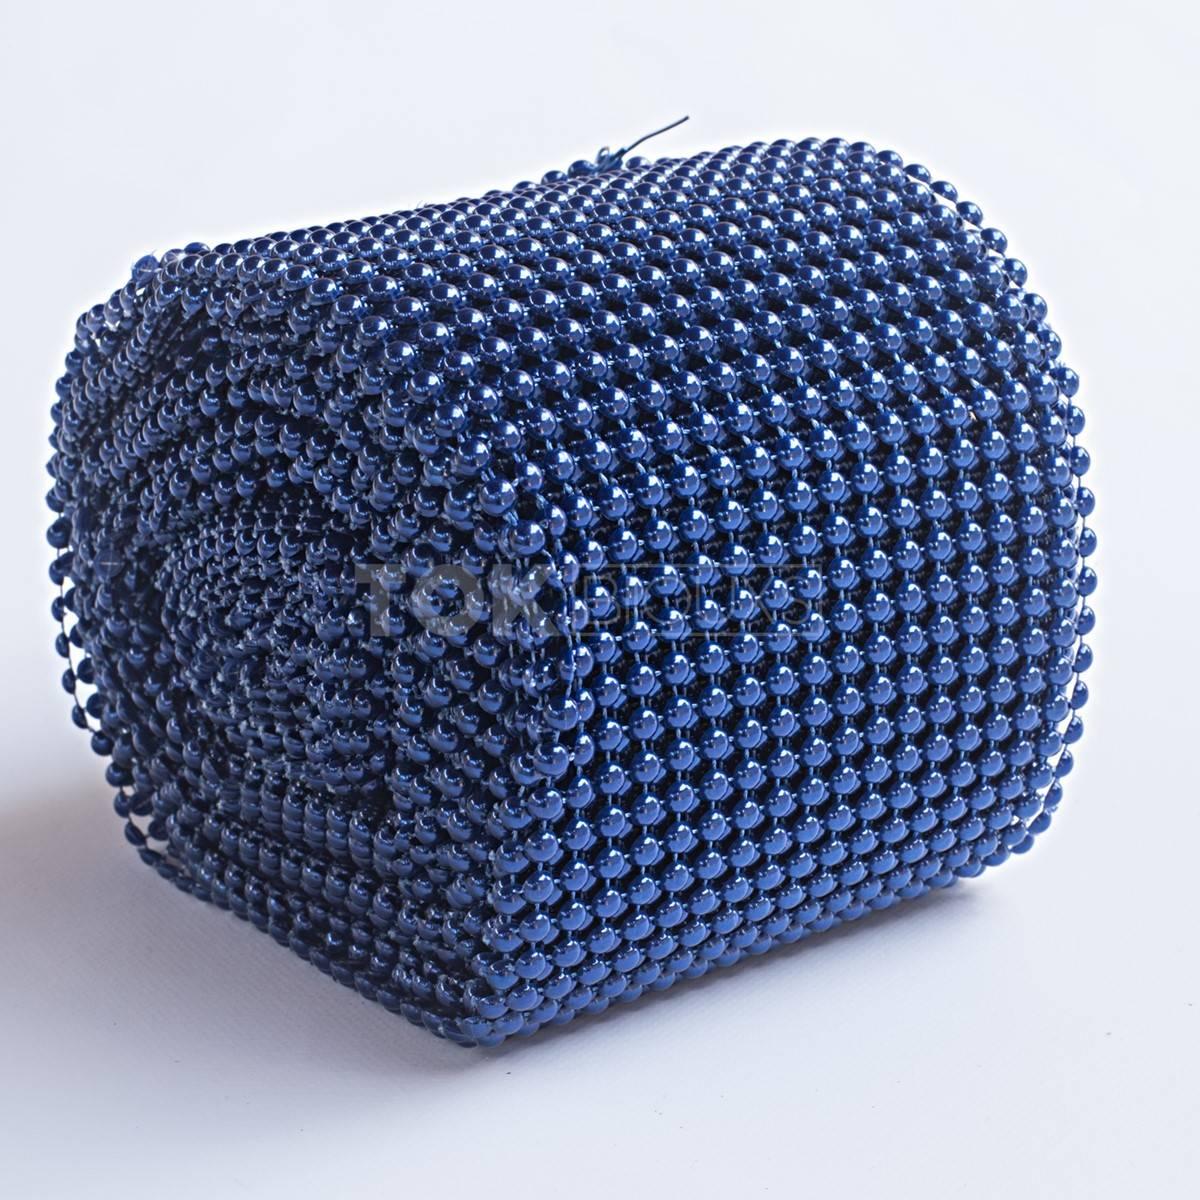 Manta Meia Pérola Abs - 8mm - Azul Royal - 1 Metro